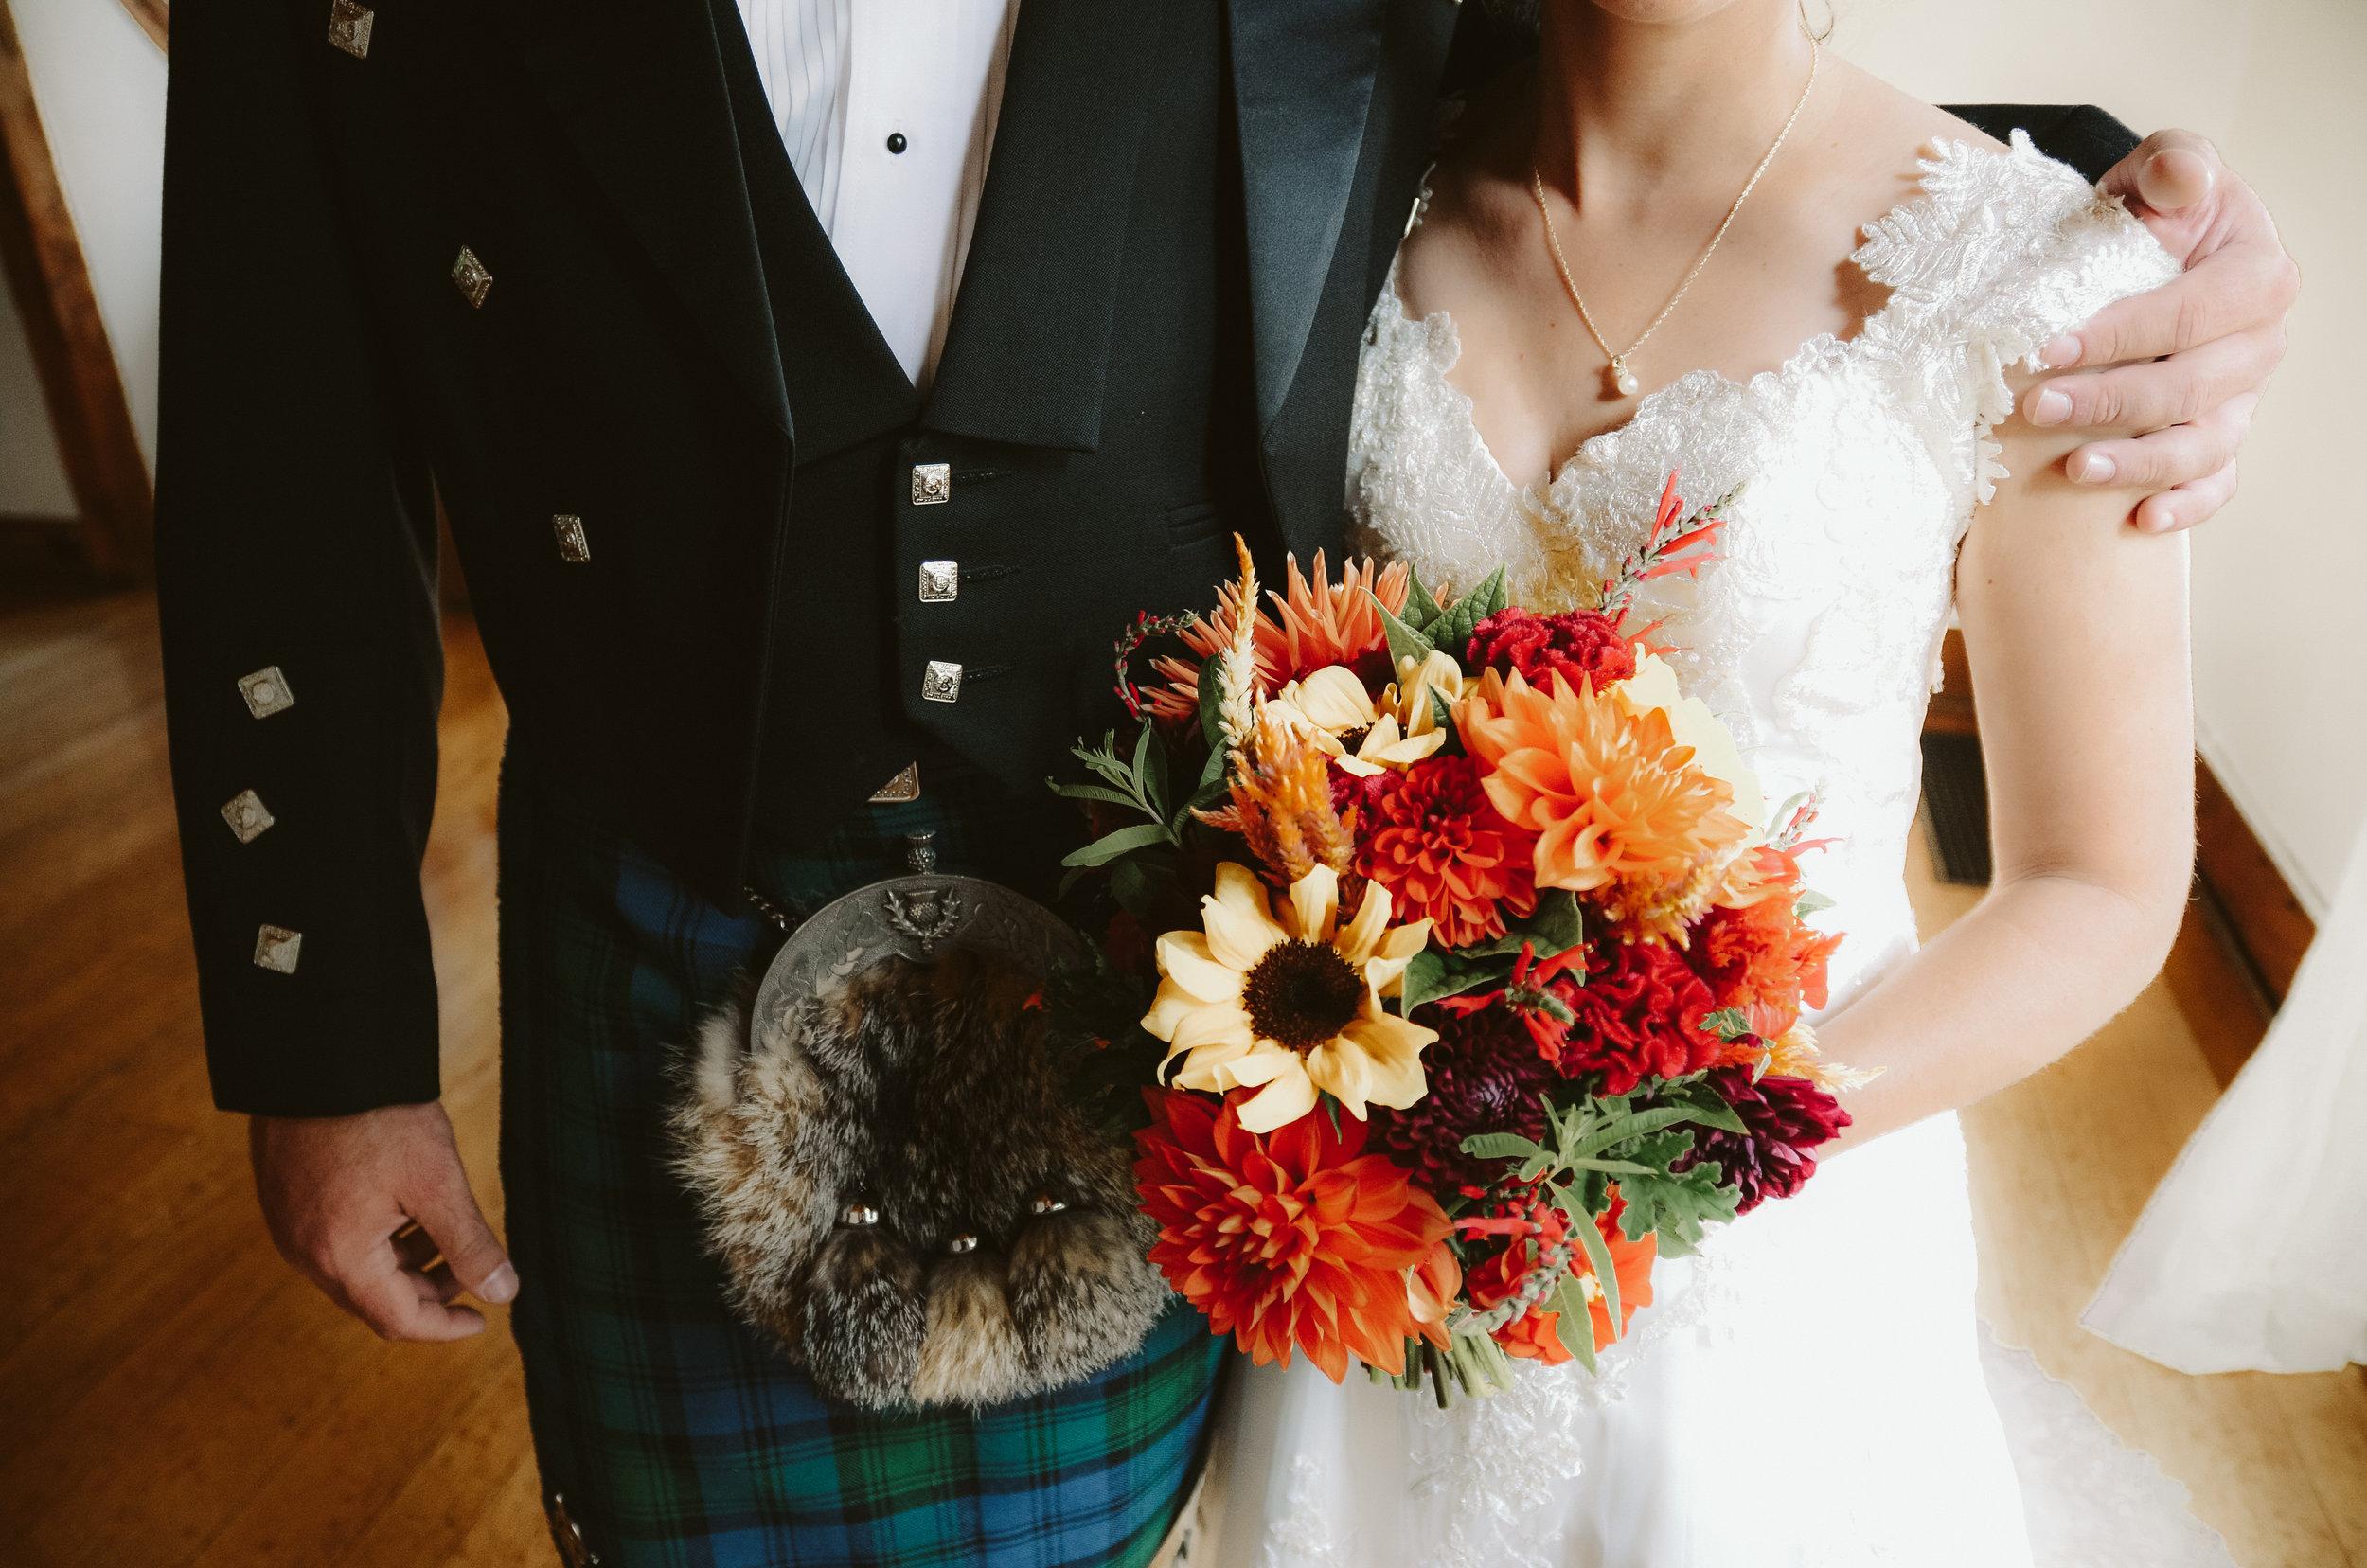 adrienne and greg's wedding 2018 edits-13.jpg